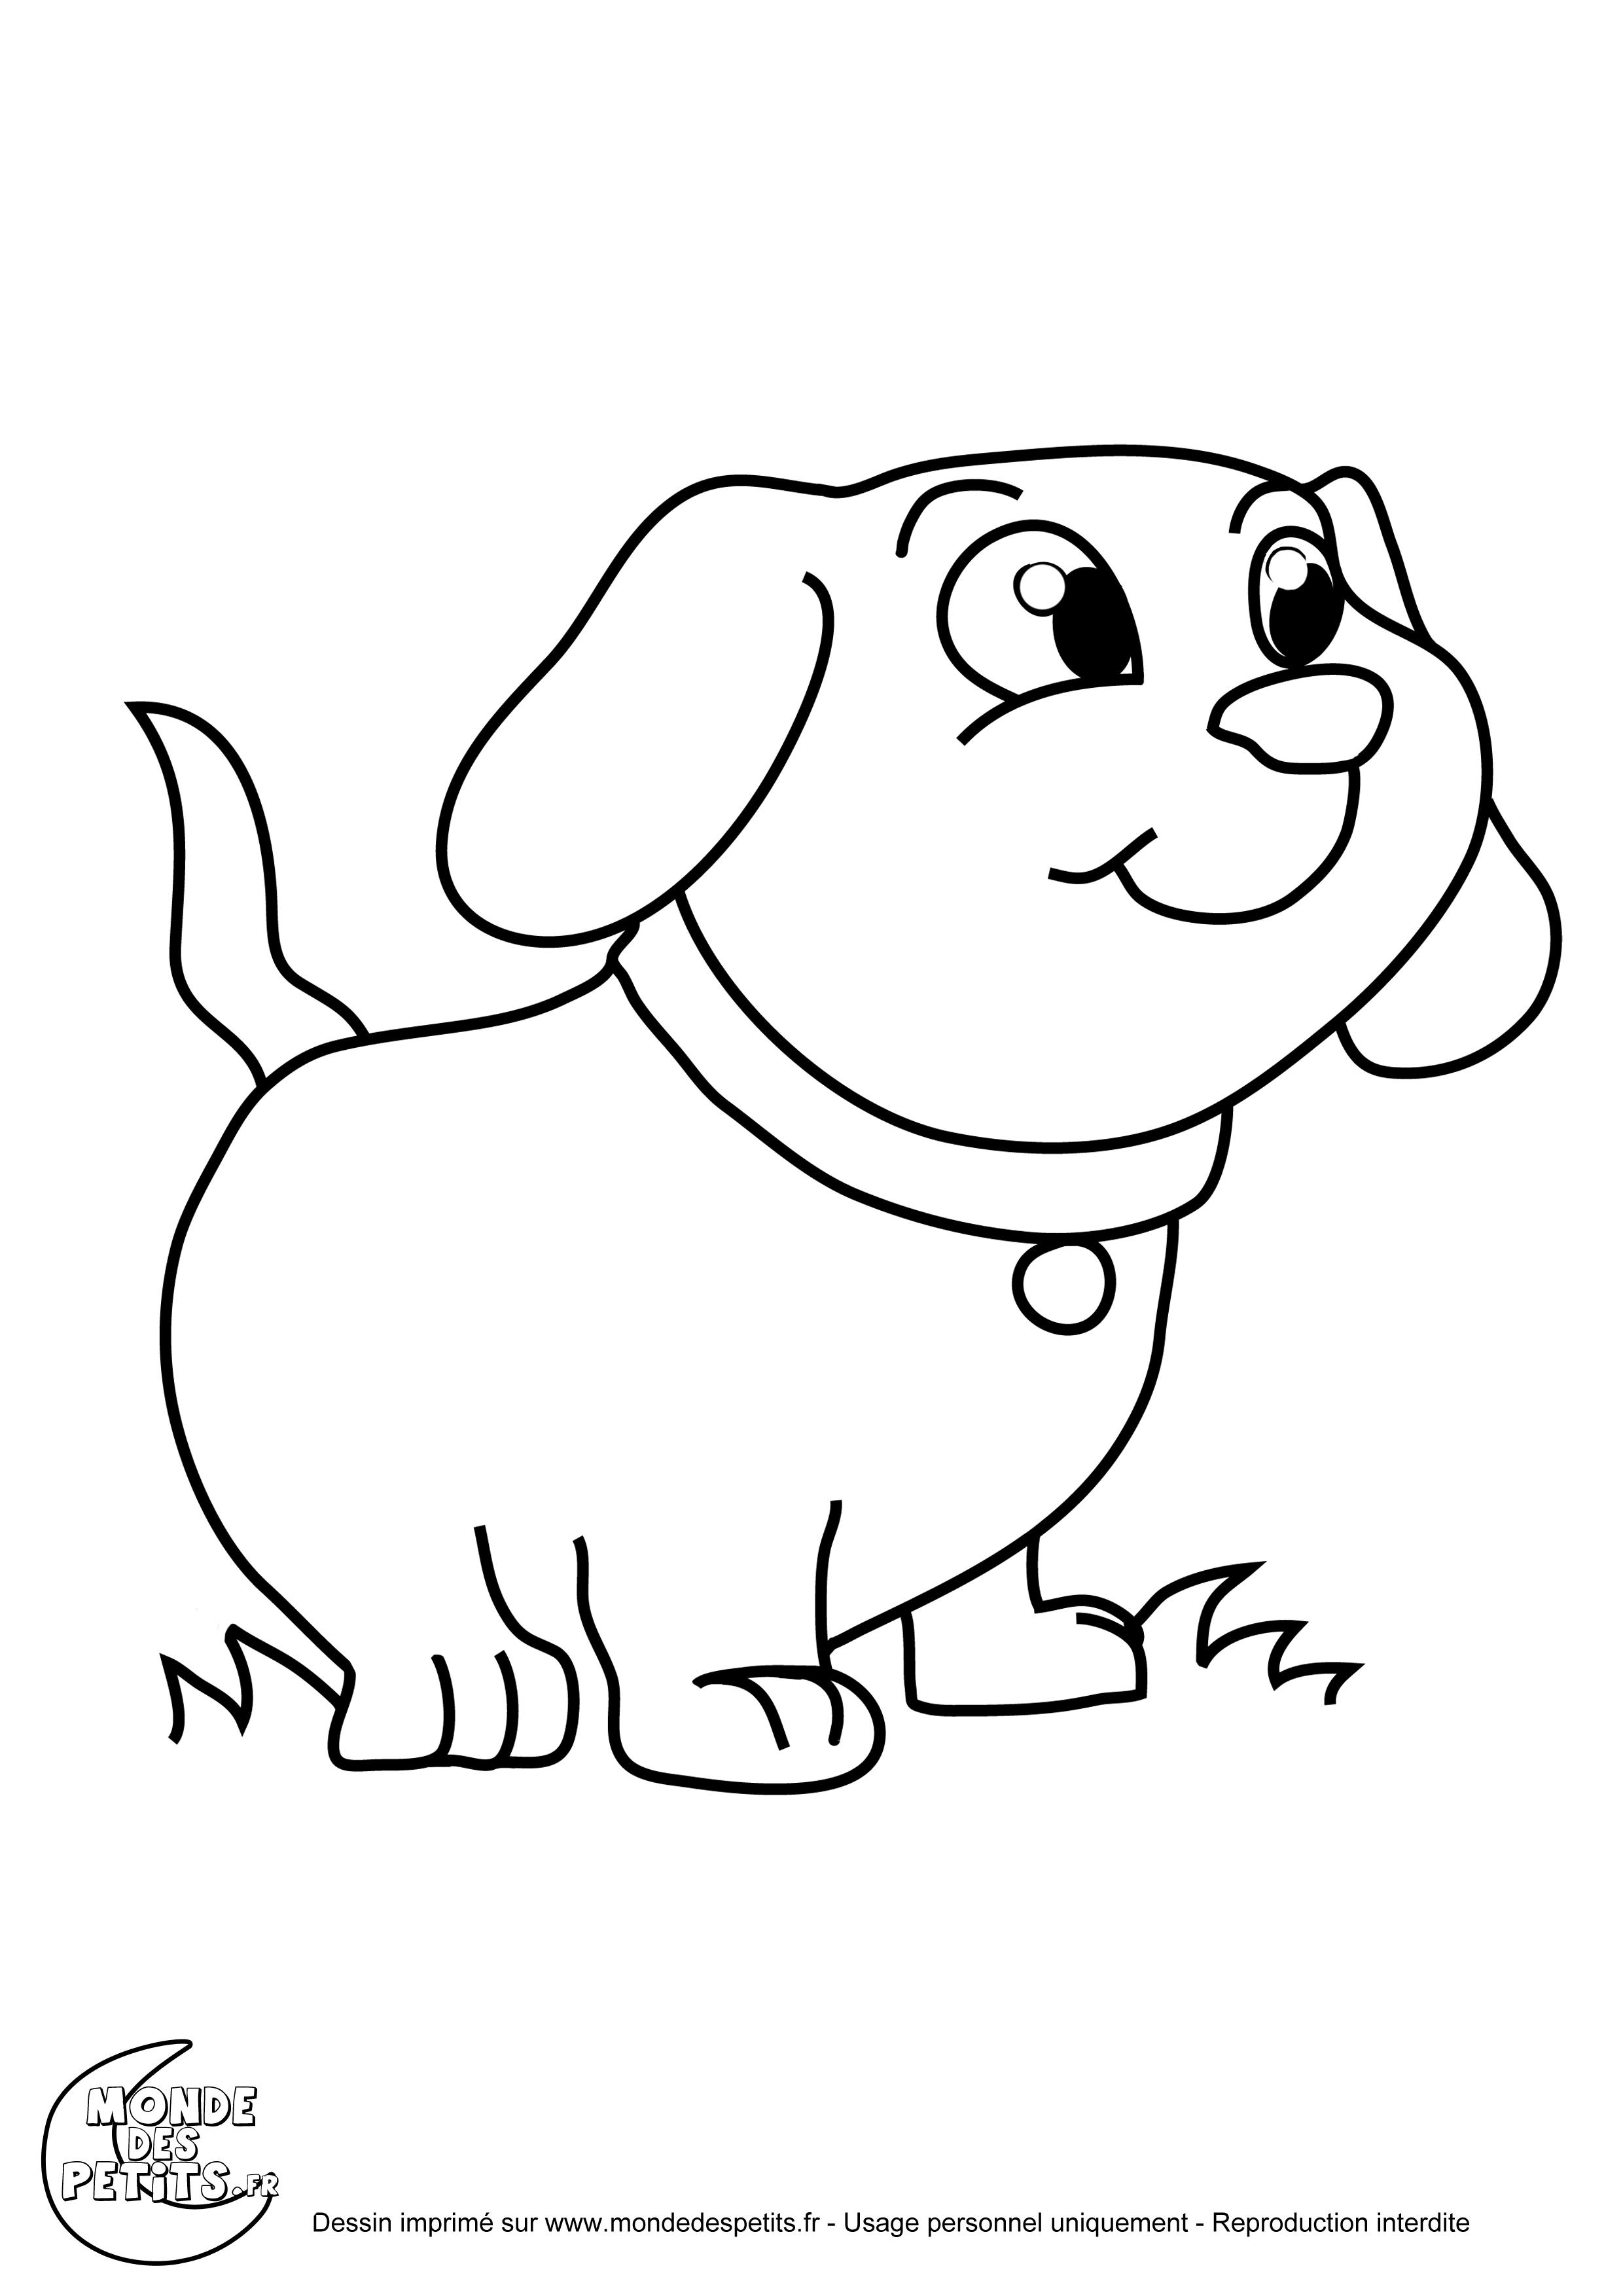 302 dibujos de perros para colorear oh kids page 5 - Dessin de chiot ...